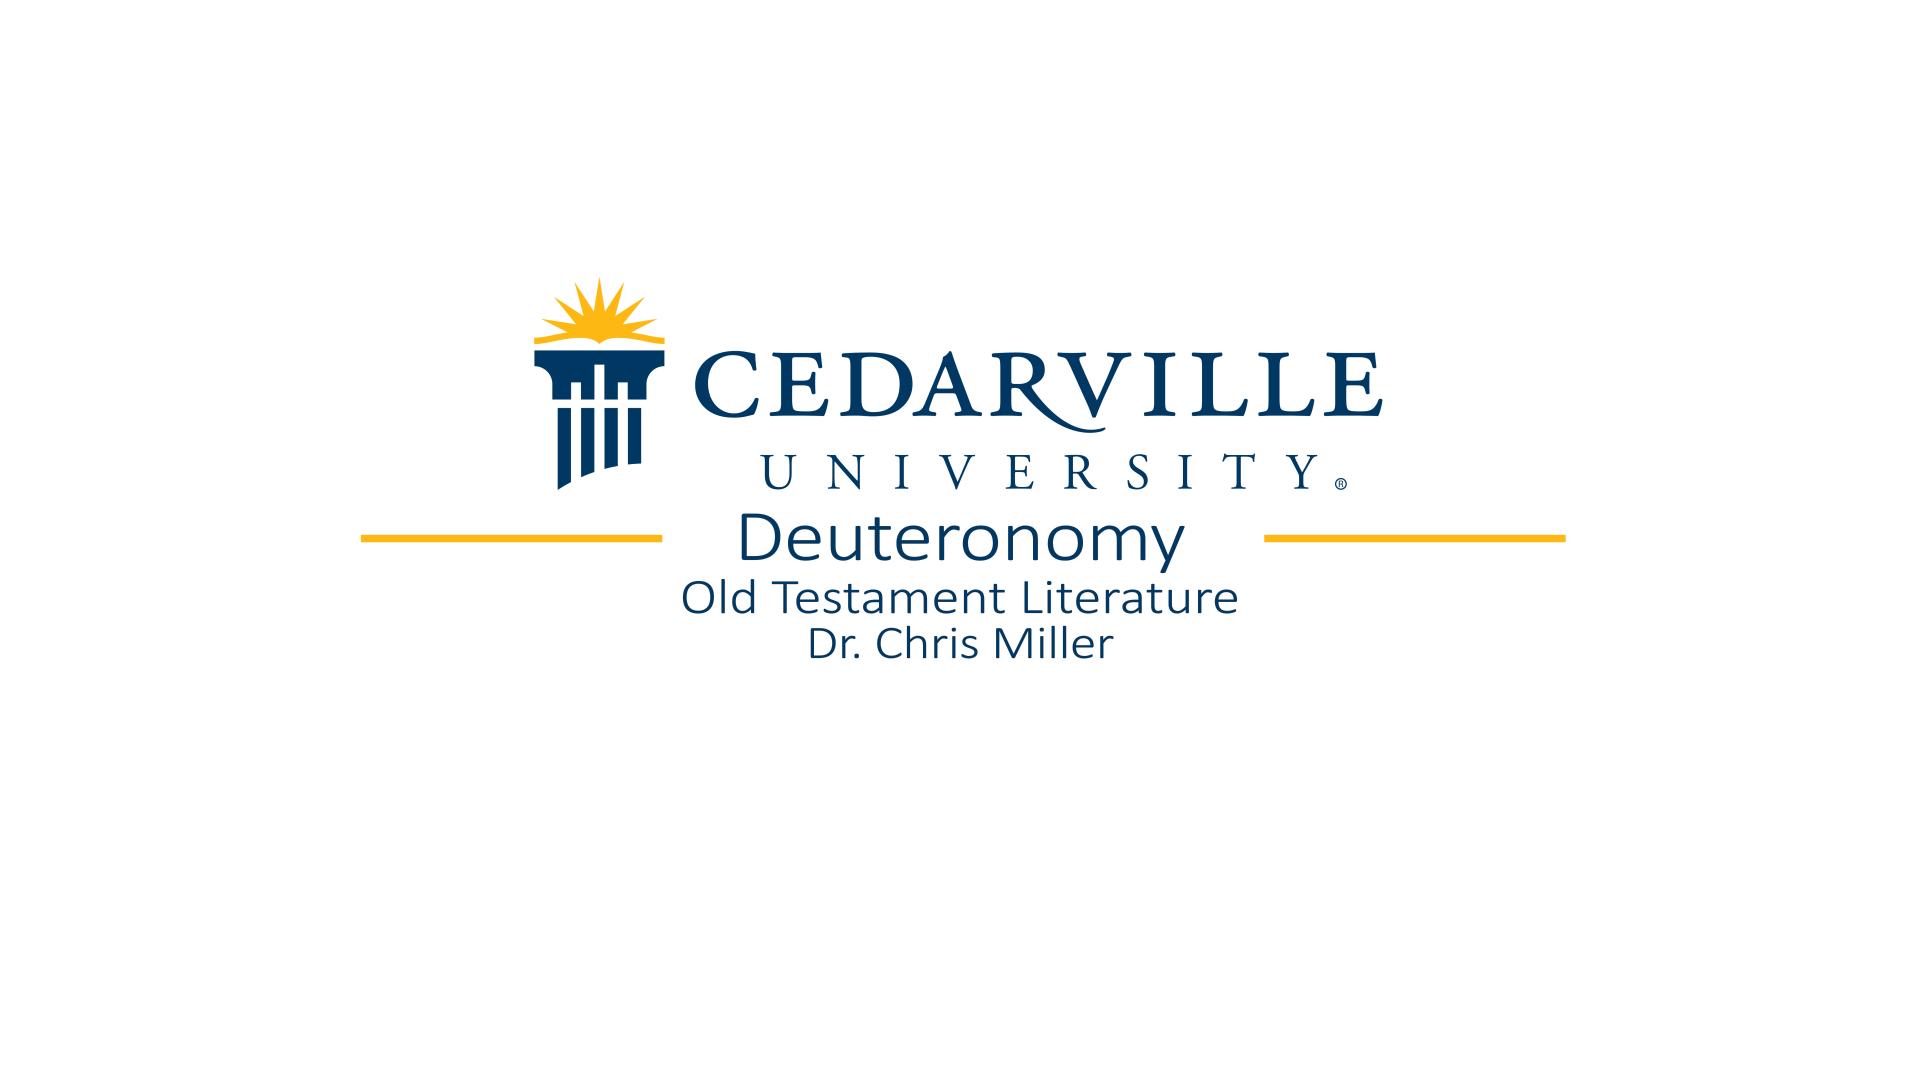 View thumbnail for Deuteronomy